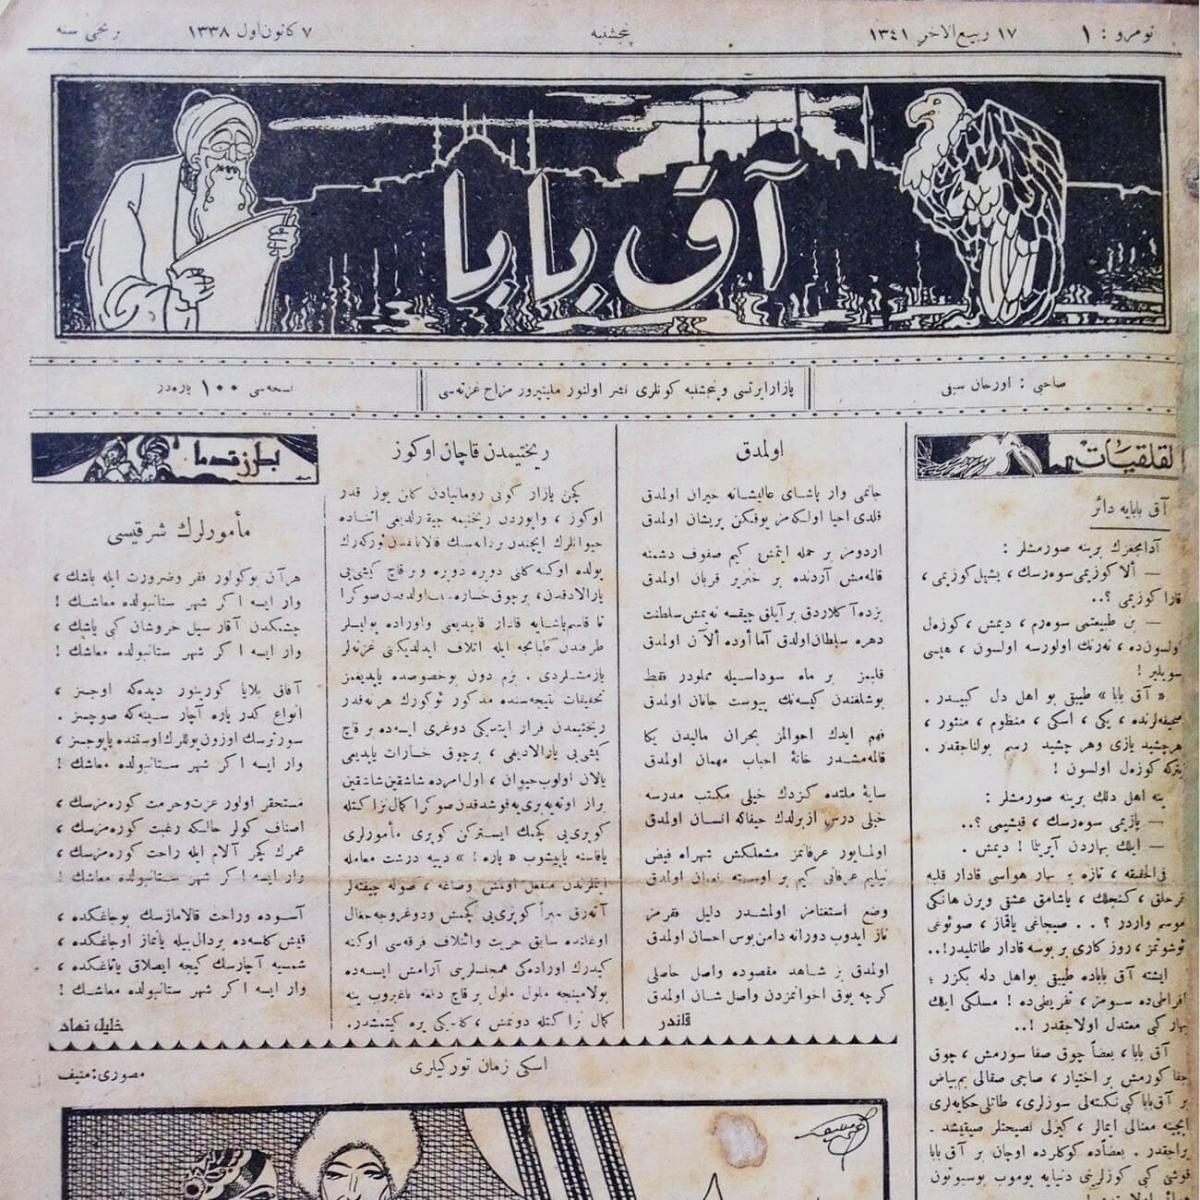 1922 - 1928 arasında Osmanlıca Akbaba mizah gazetesi 610 sayı yayımlanmıştır.